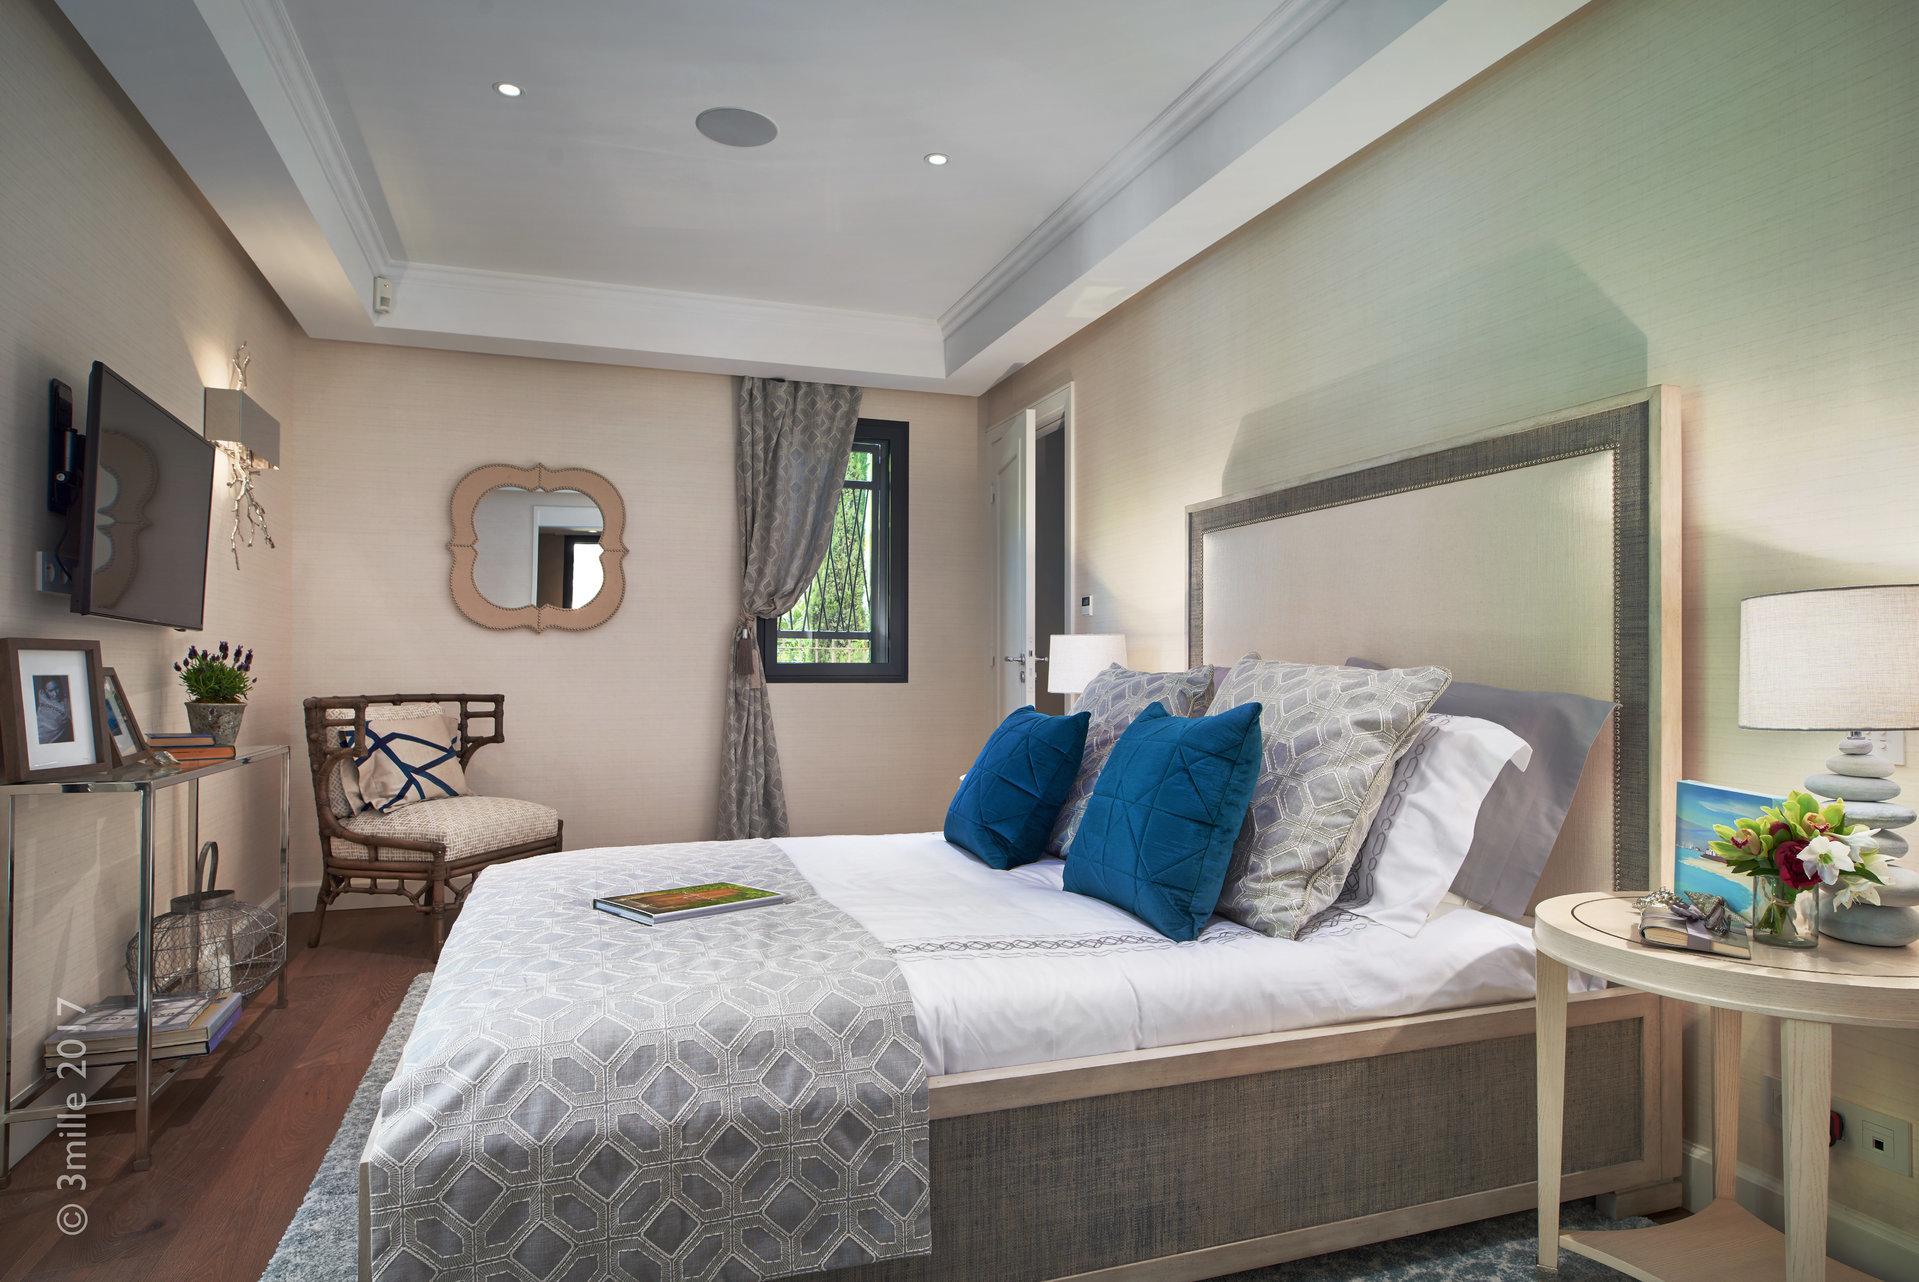 Verkauf Wohnung - Juan-les-Pins Centre - Frankreich